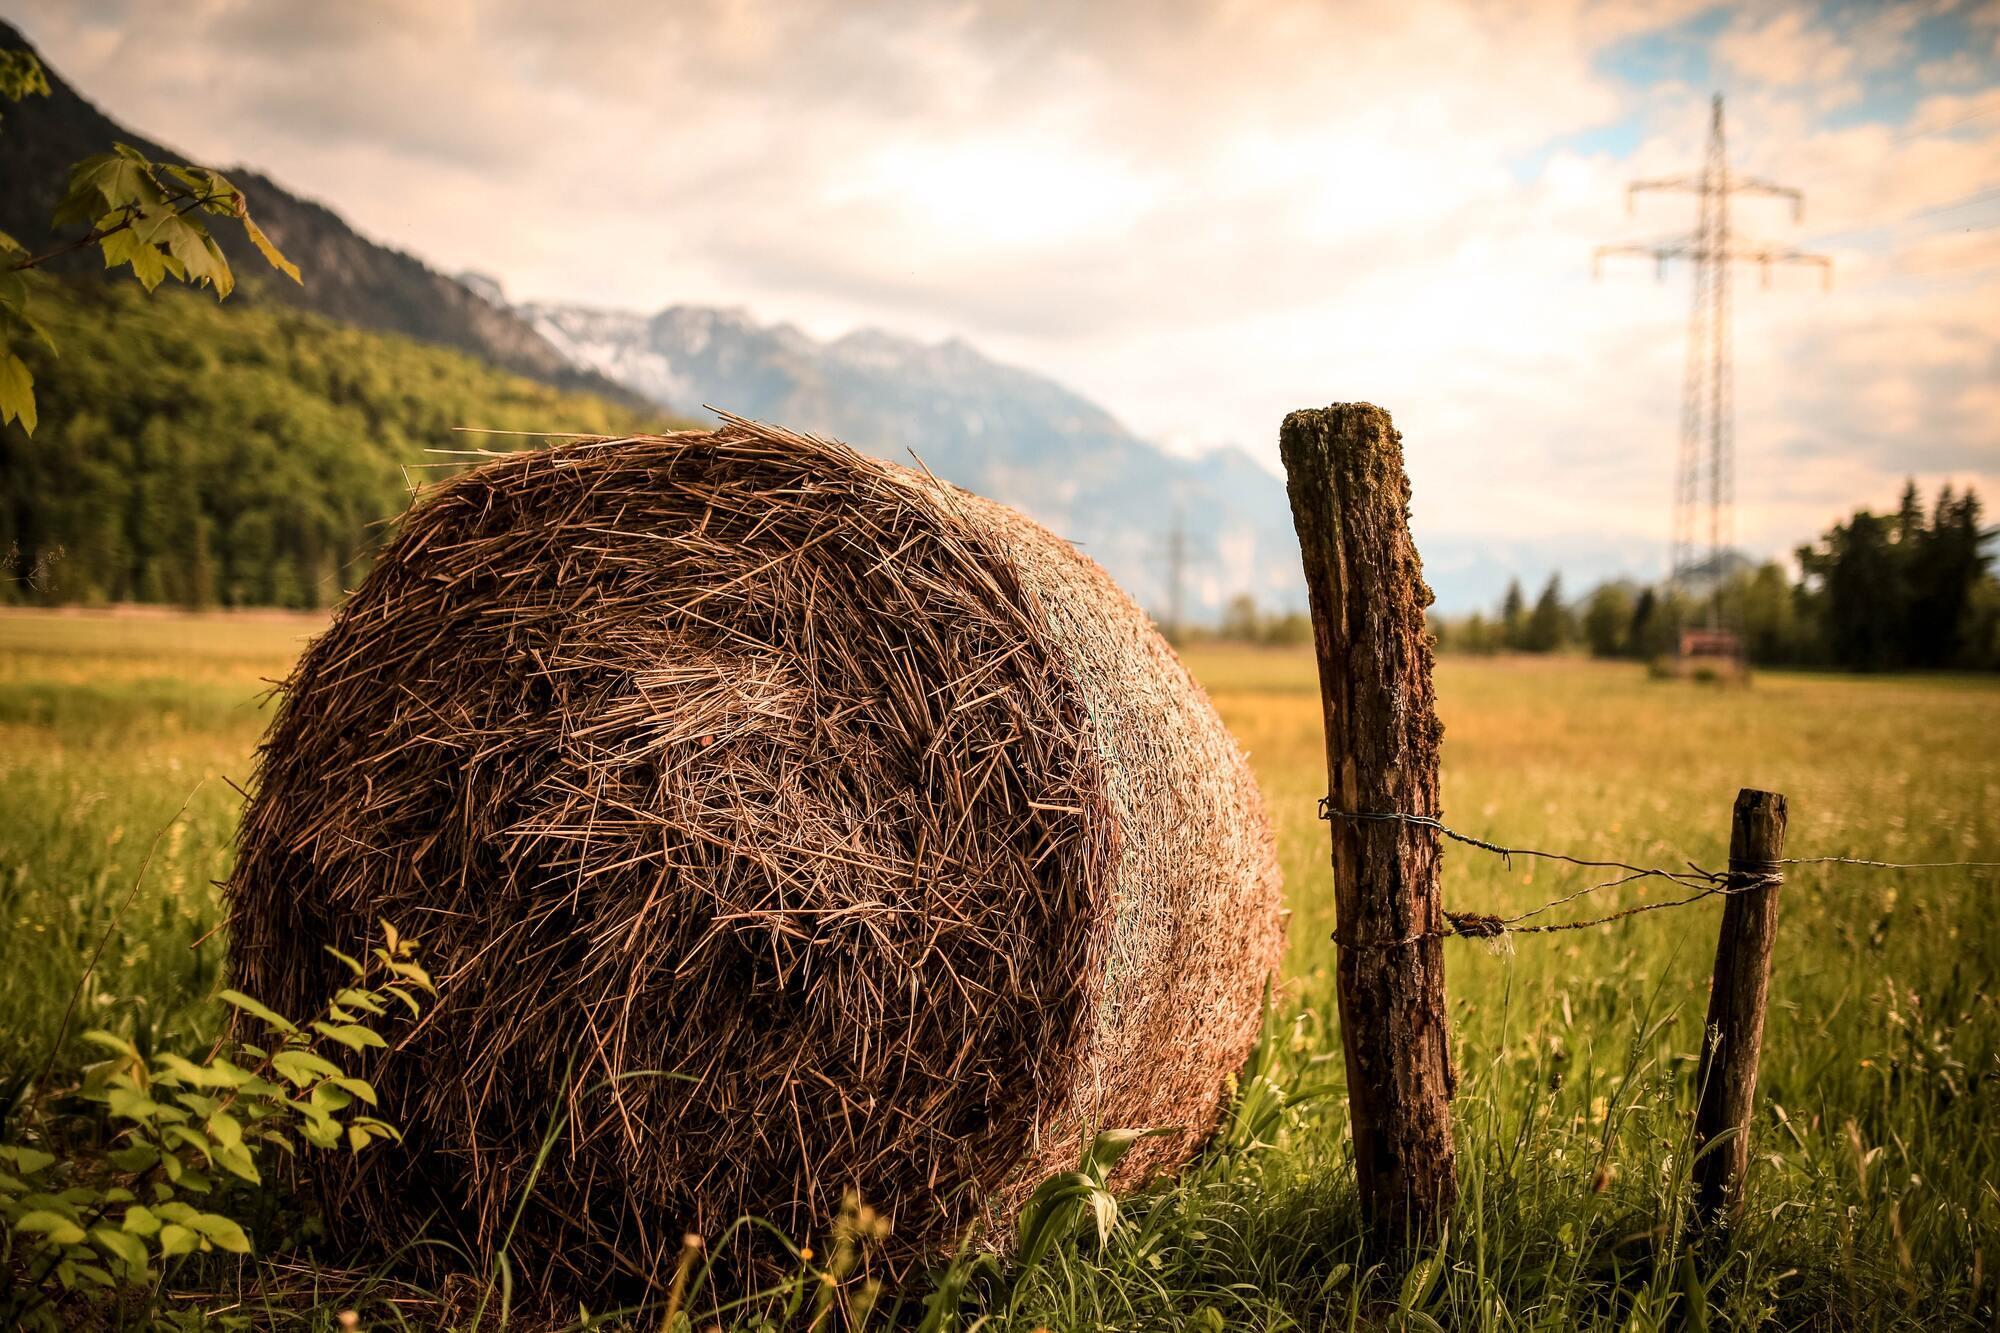 12 августа нужно прижечь пятки ведьмы соломой, чтобы та не задаивала коров до смерти